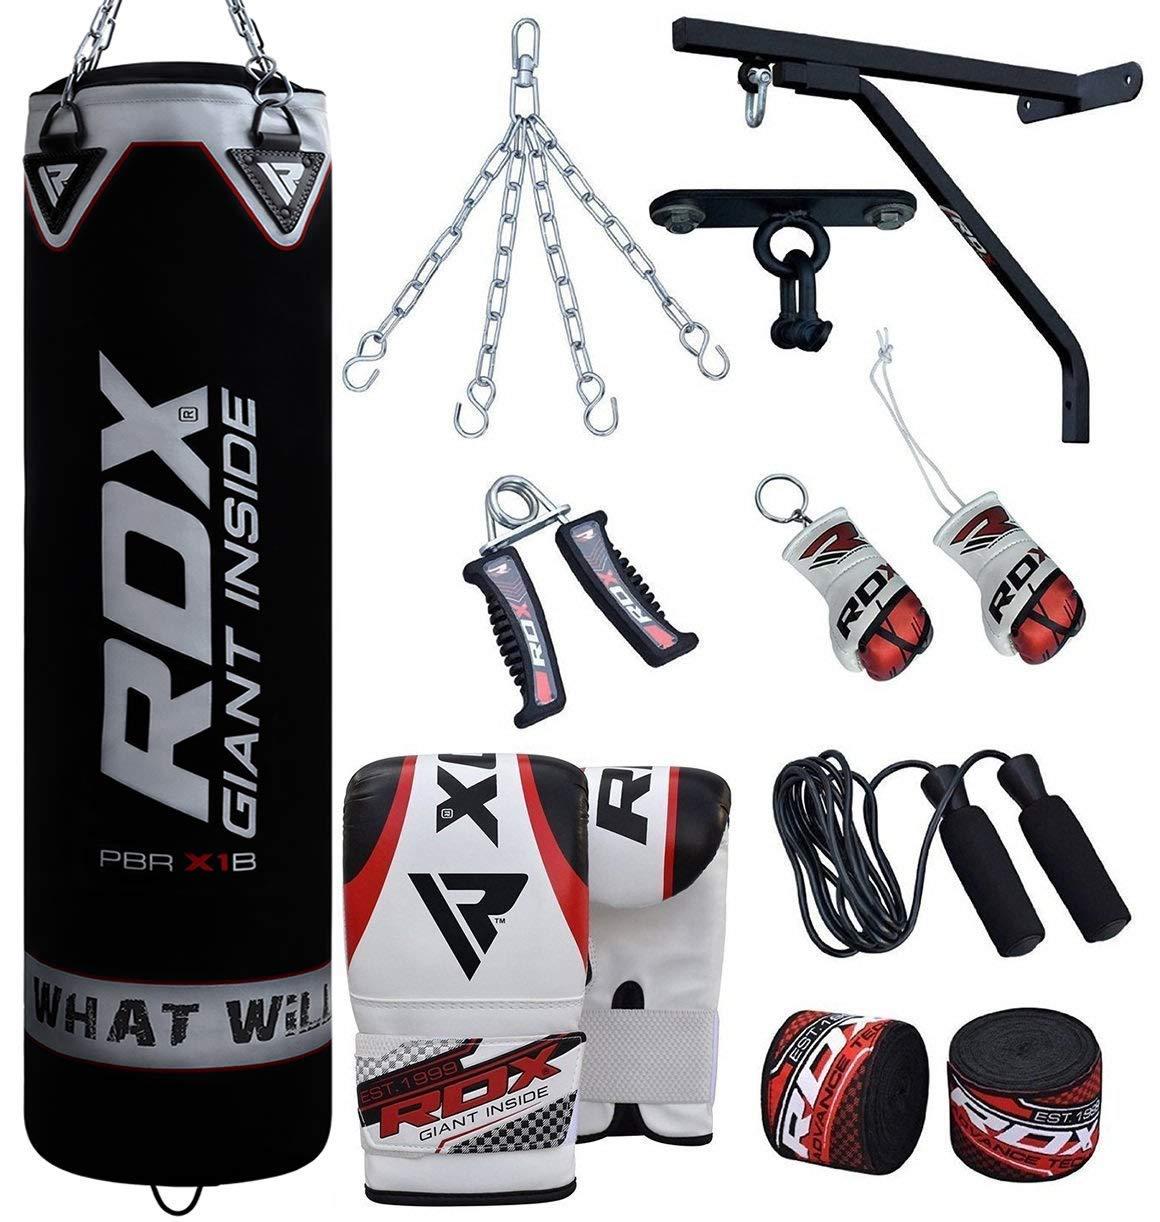 Amazon.com: Saco de boxeo RDX relleno soporte de pared ...